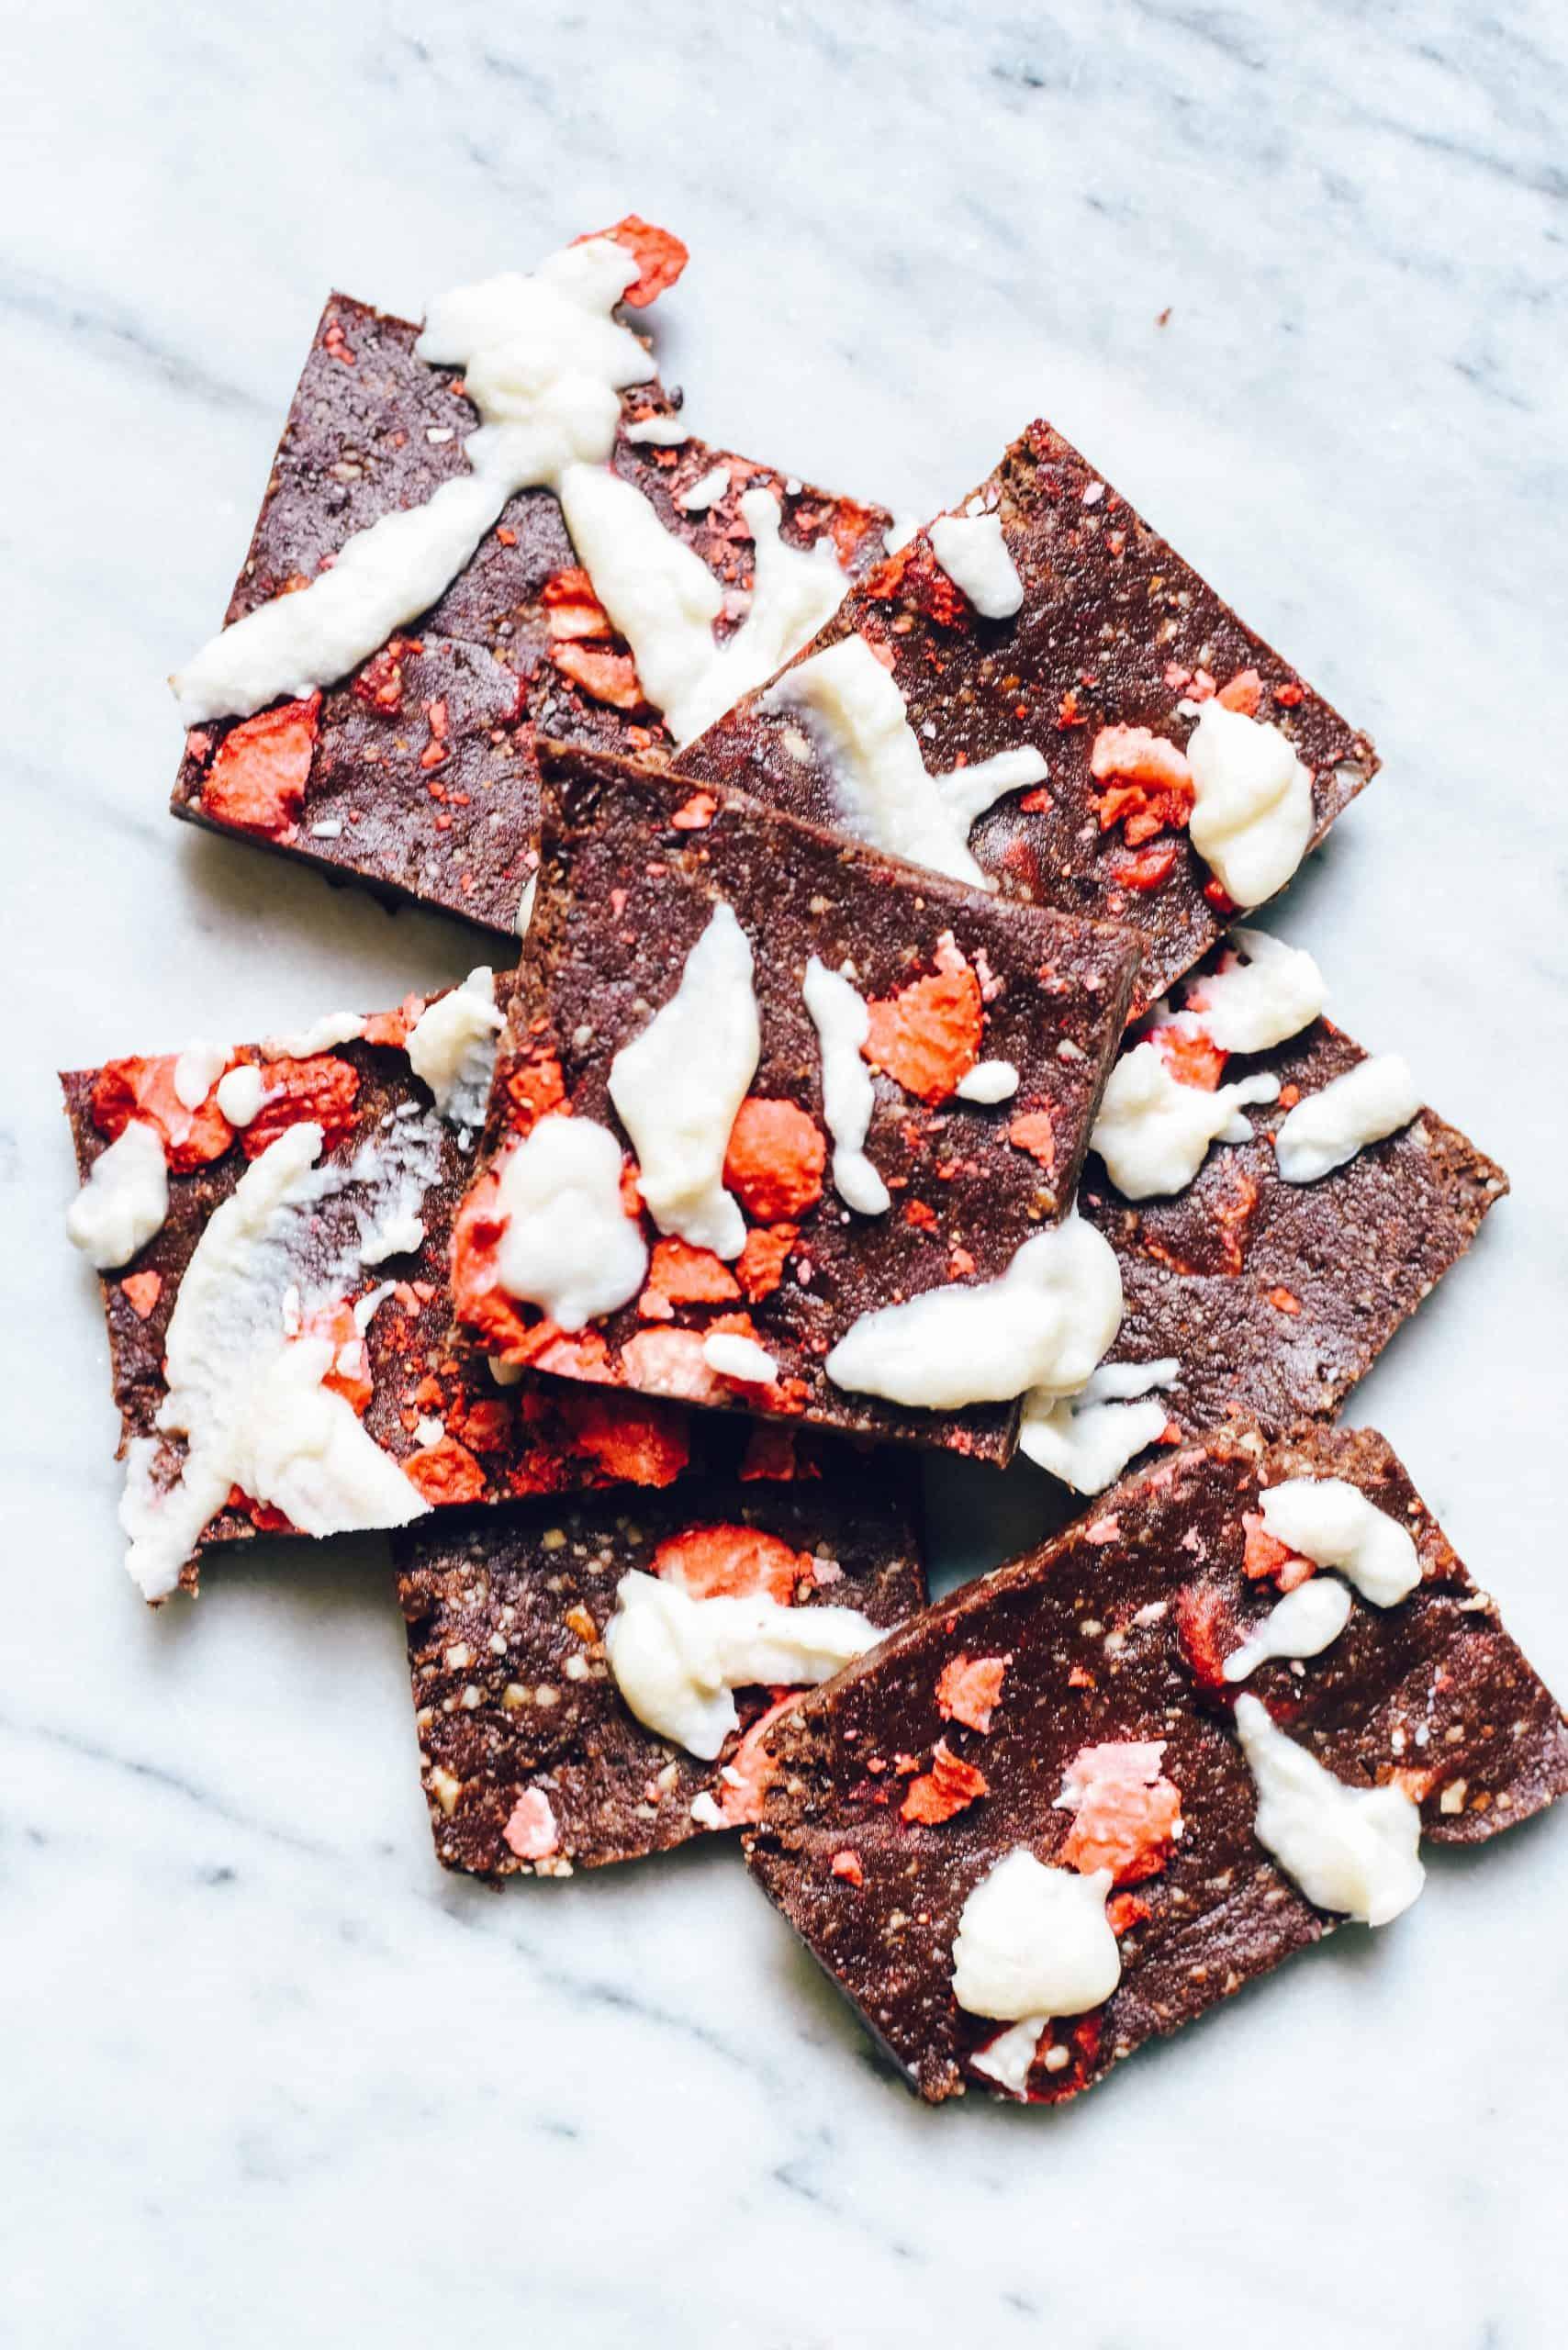 Strawberries & Cream Chocolate Chaga Bars